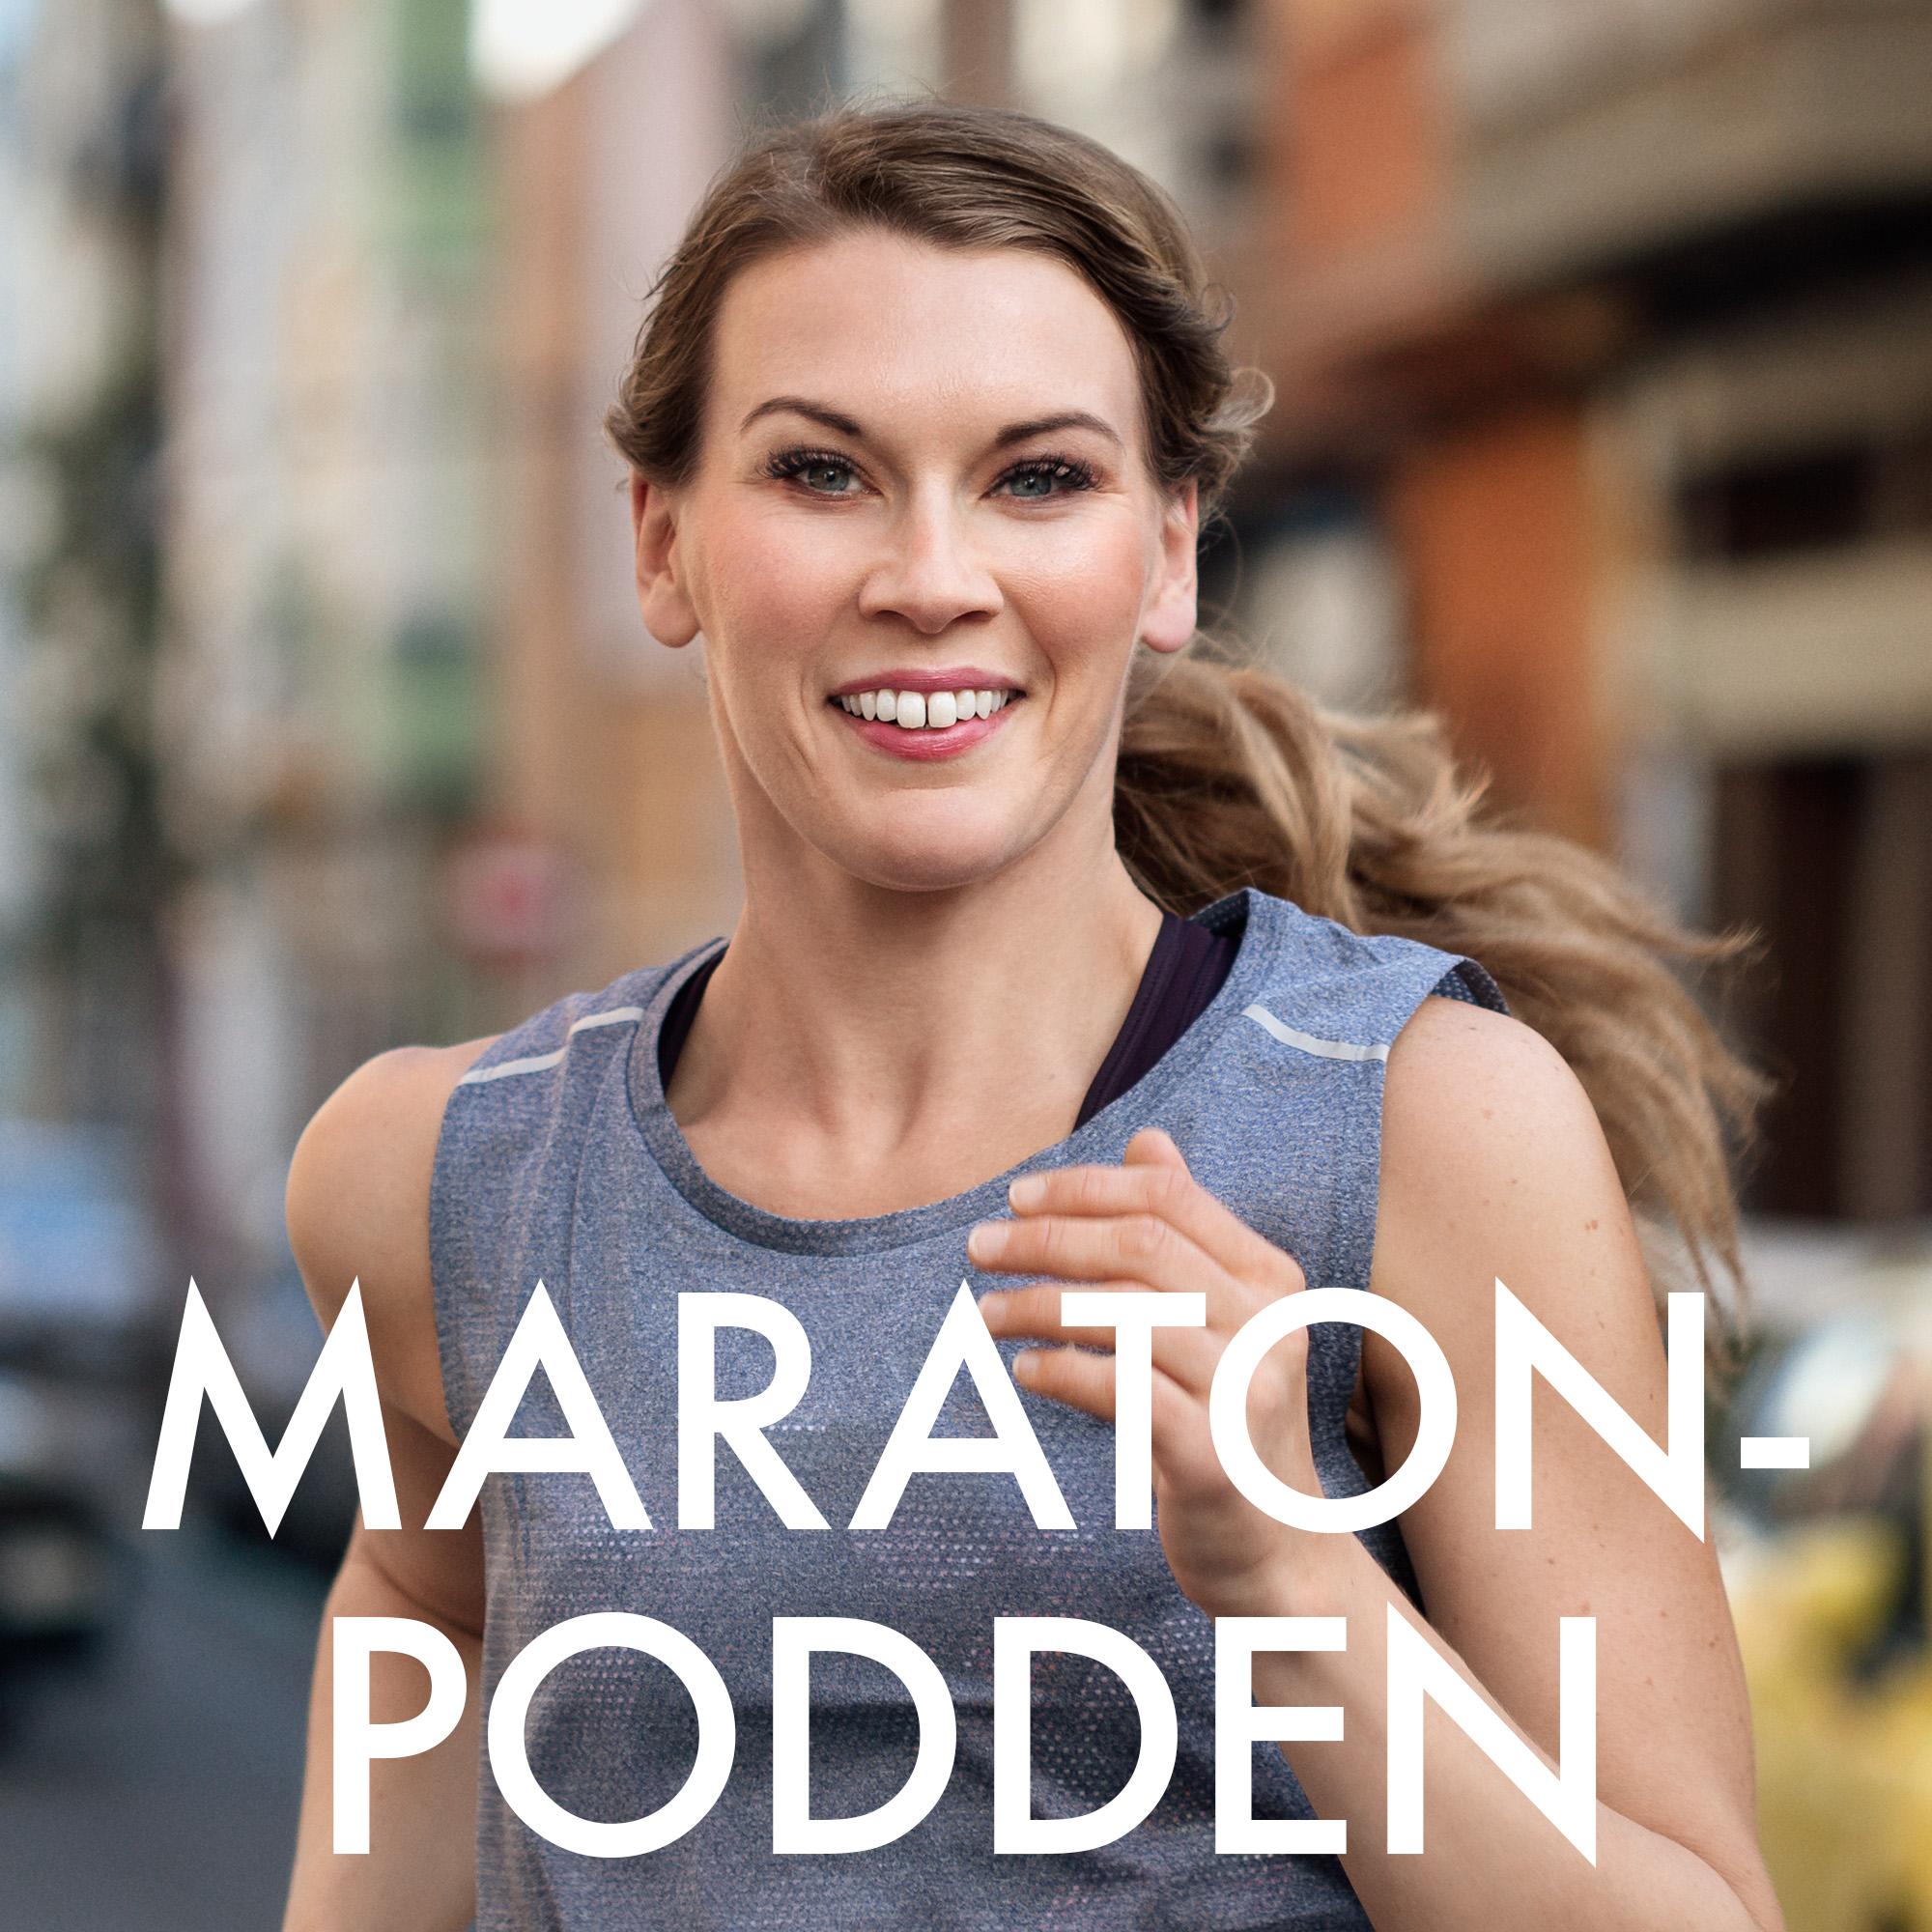 Maratonpodden logo